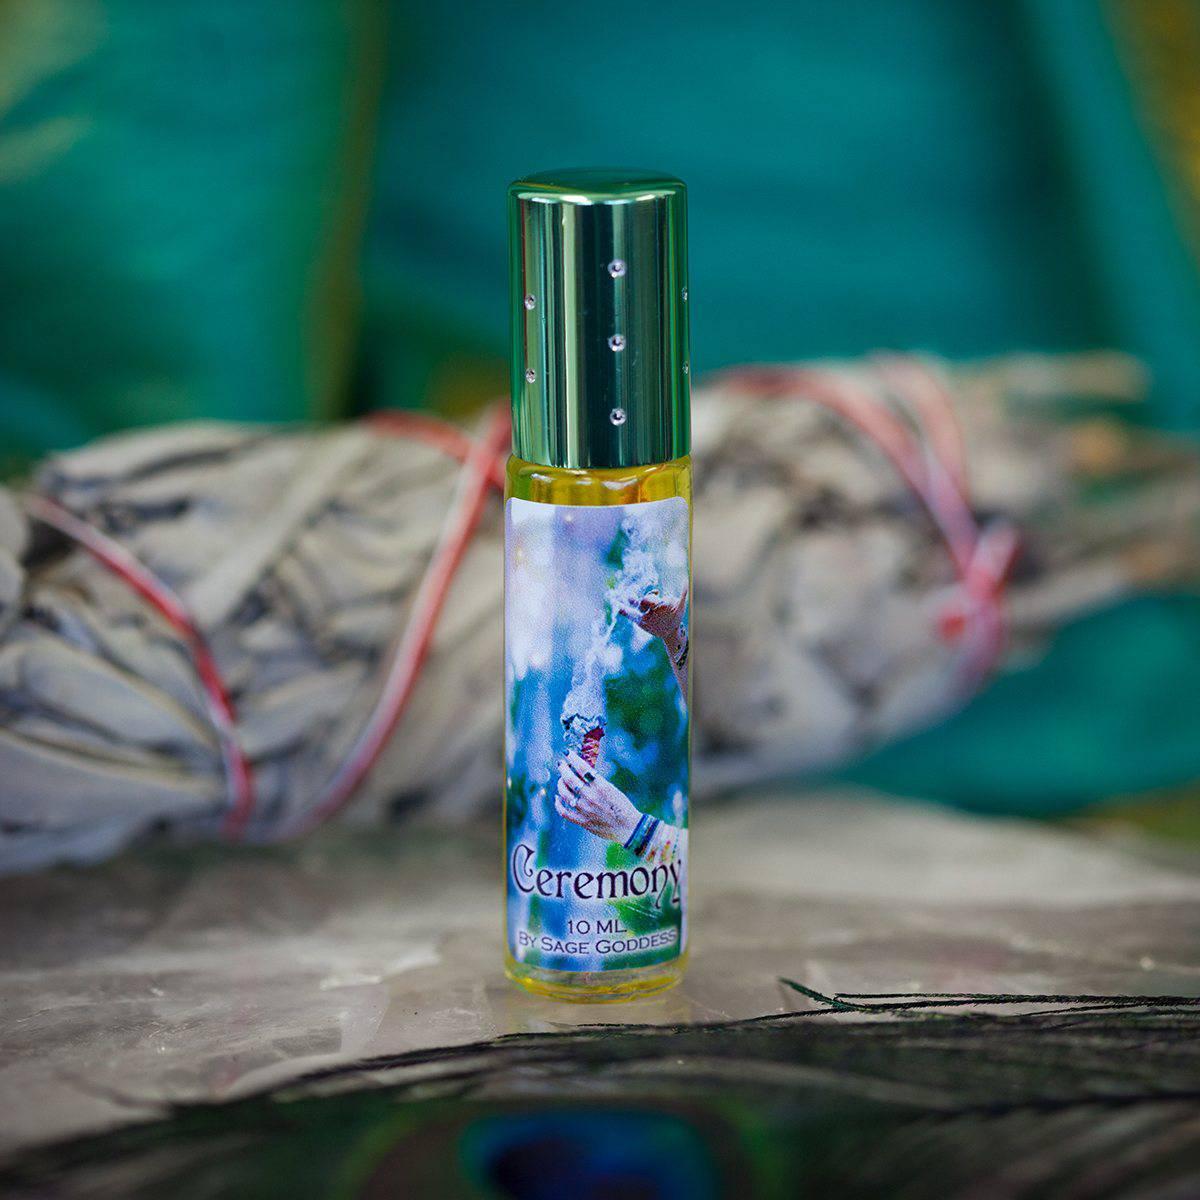 Ceremony Perfume 3_16